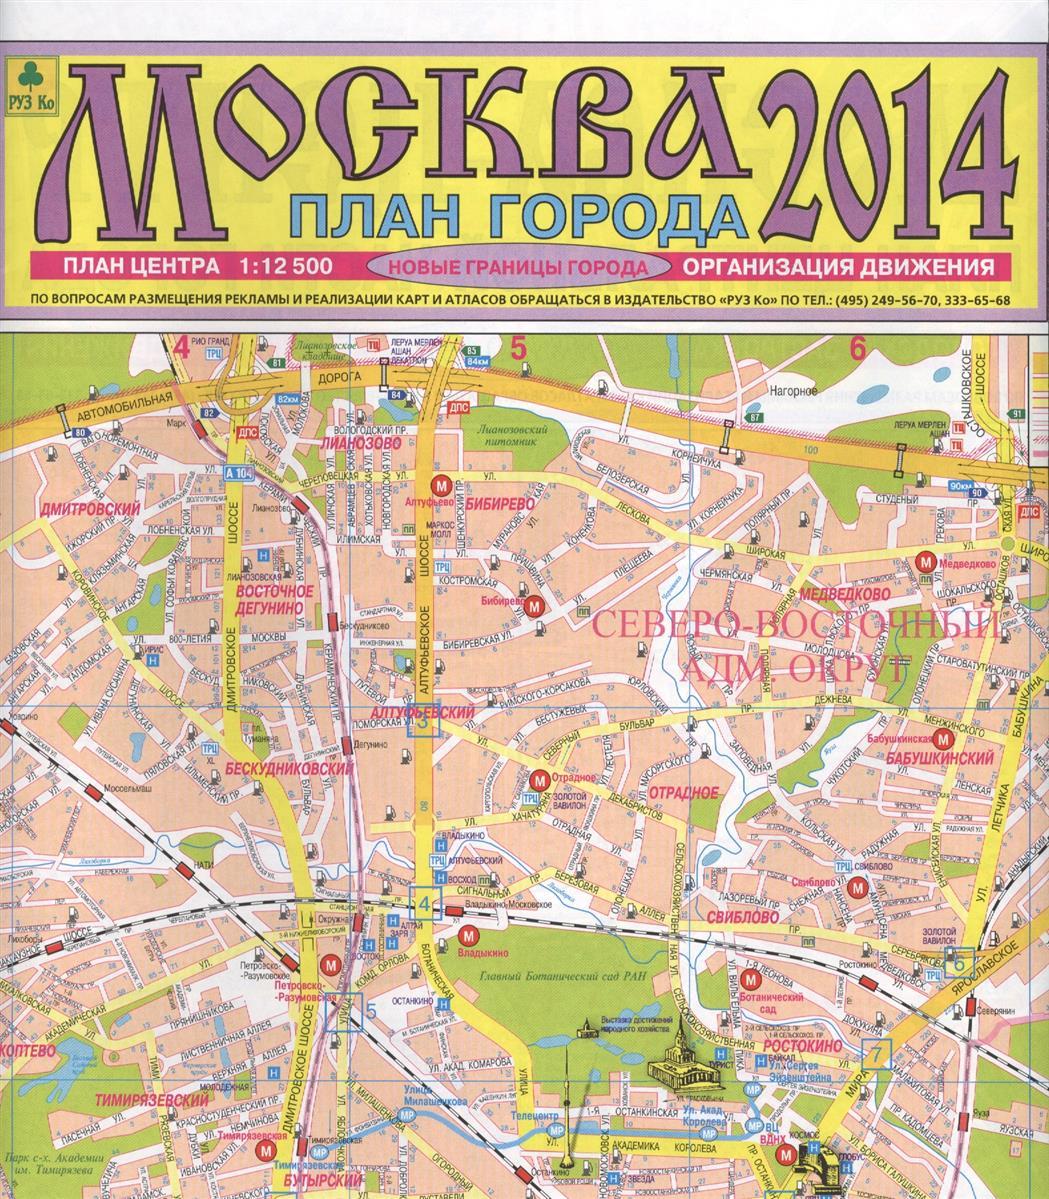 Фото Москва 2017. План города. План центра. Новые границы города (от 1:12 500) тарифный план